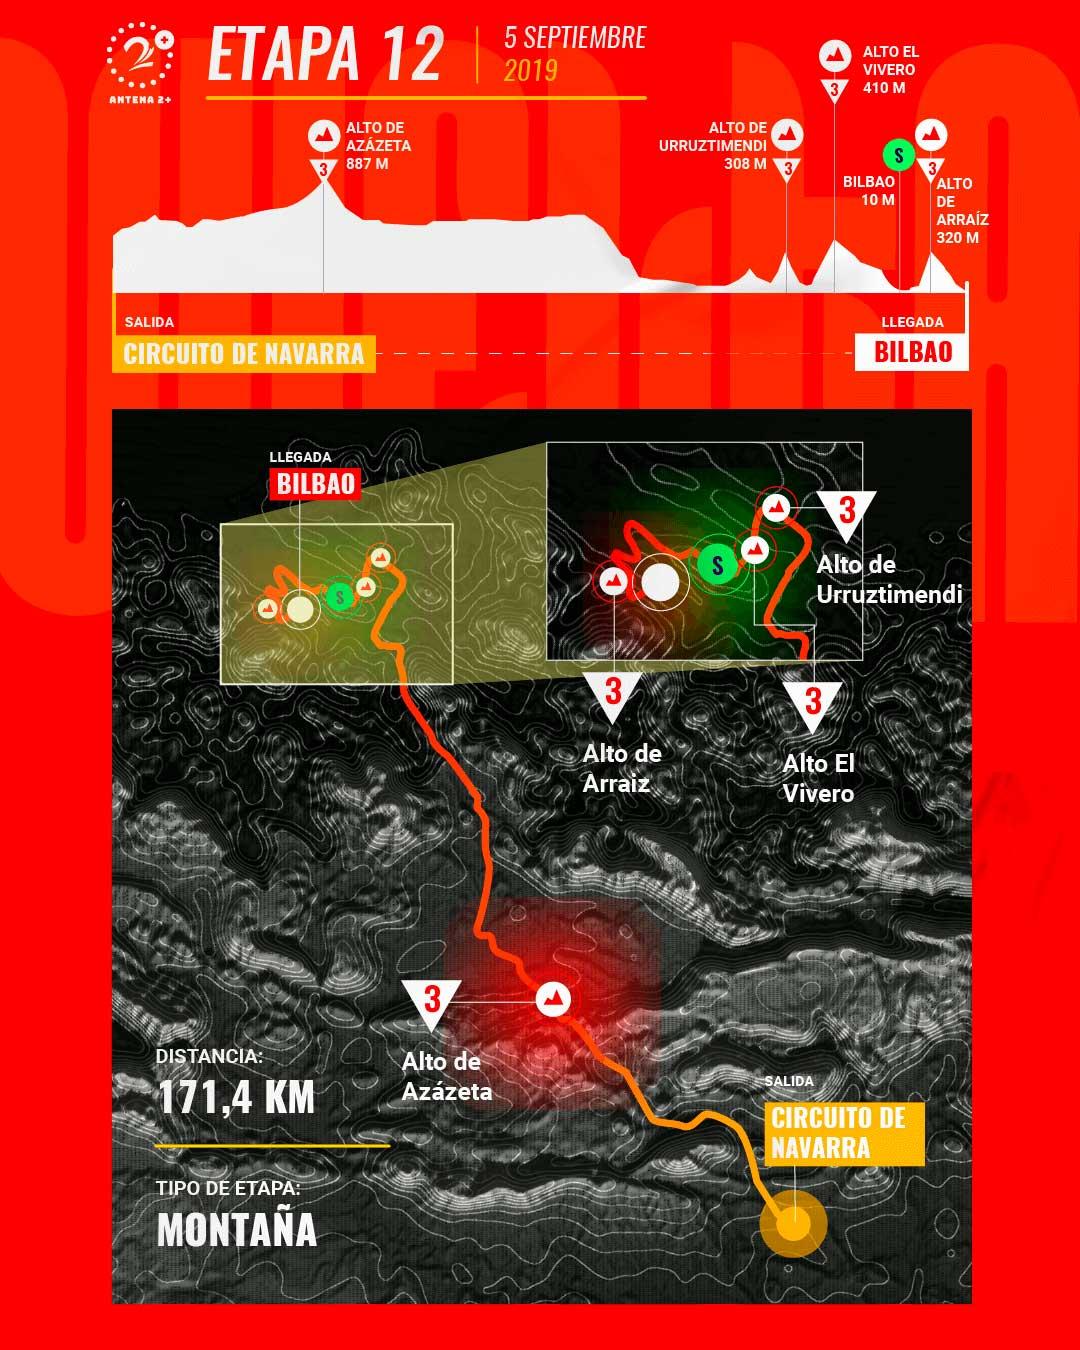 Etapa 12, Vuelta a España 2019